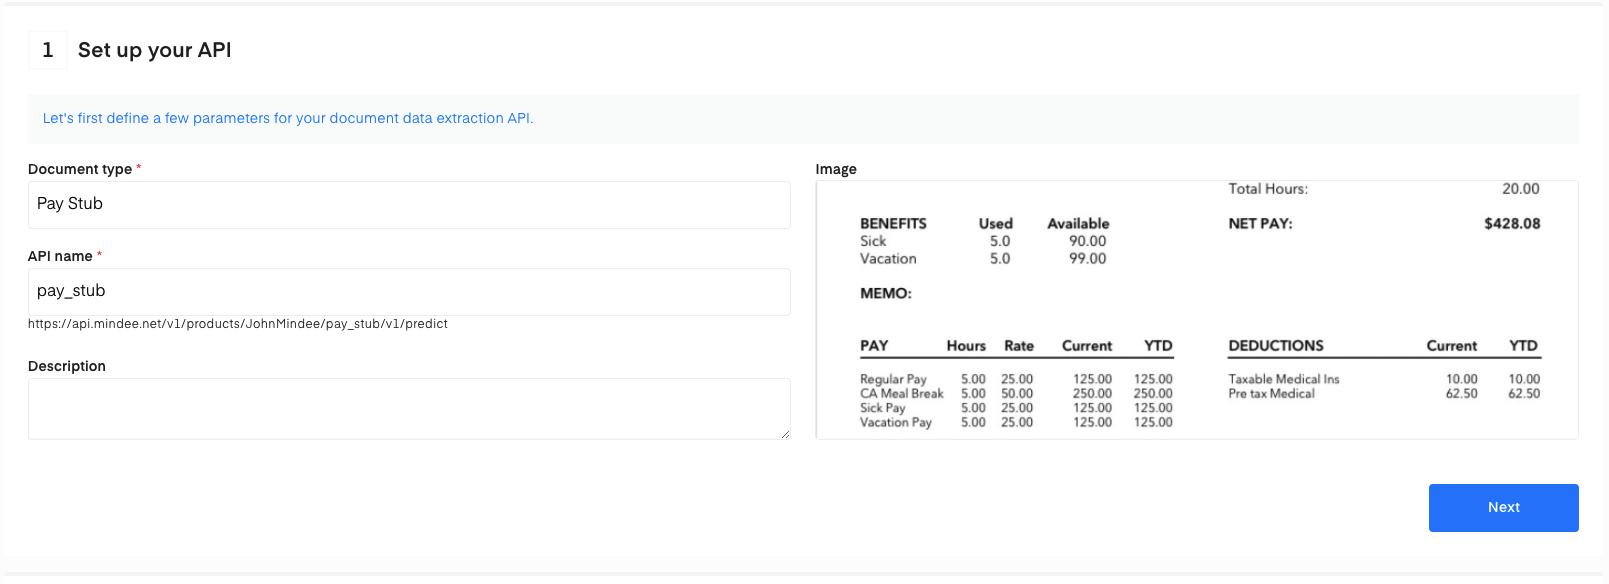 Setup your Pay stub OCR API